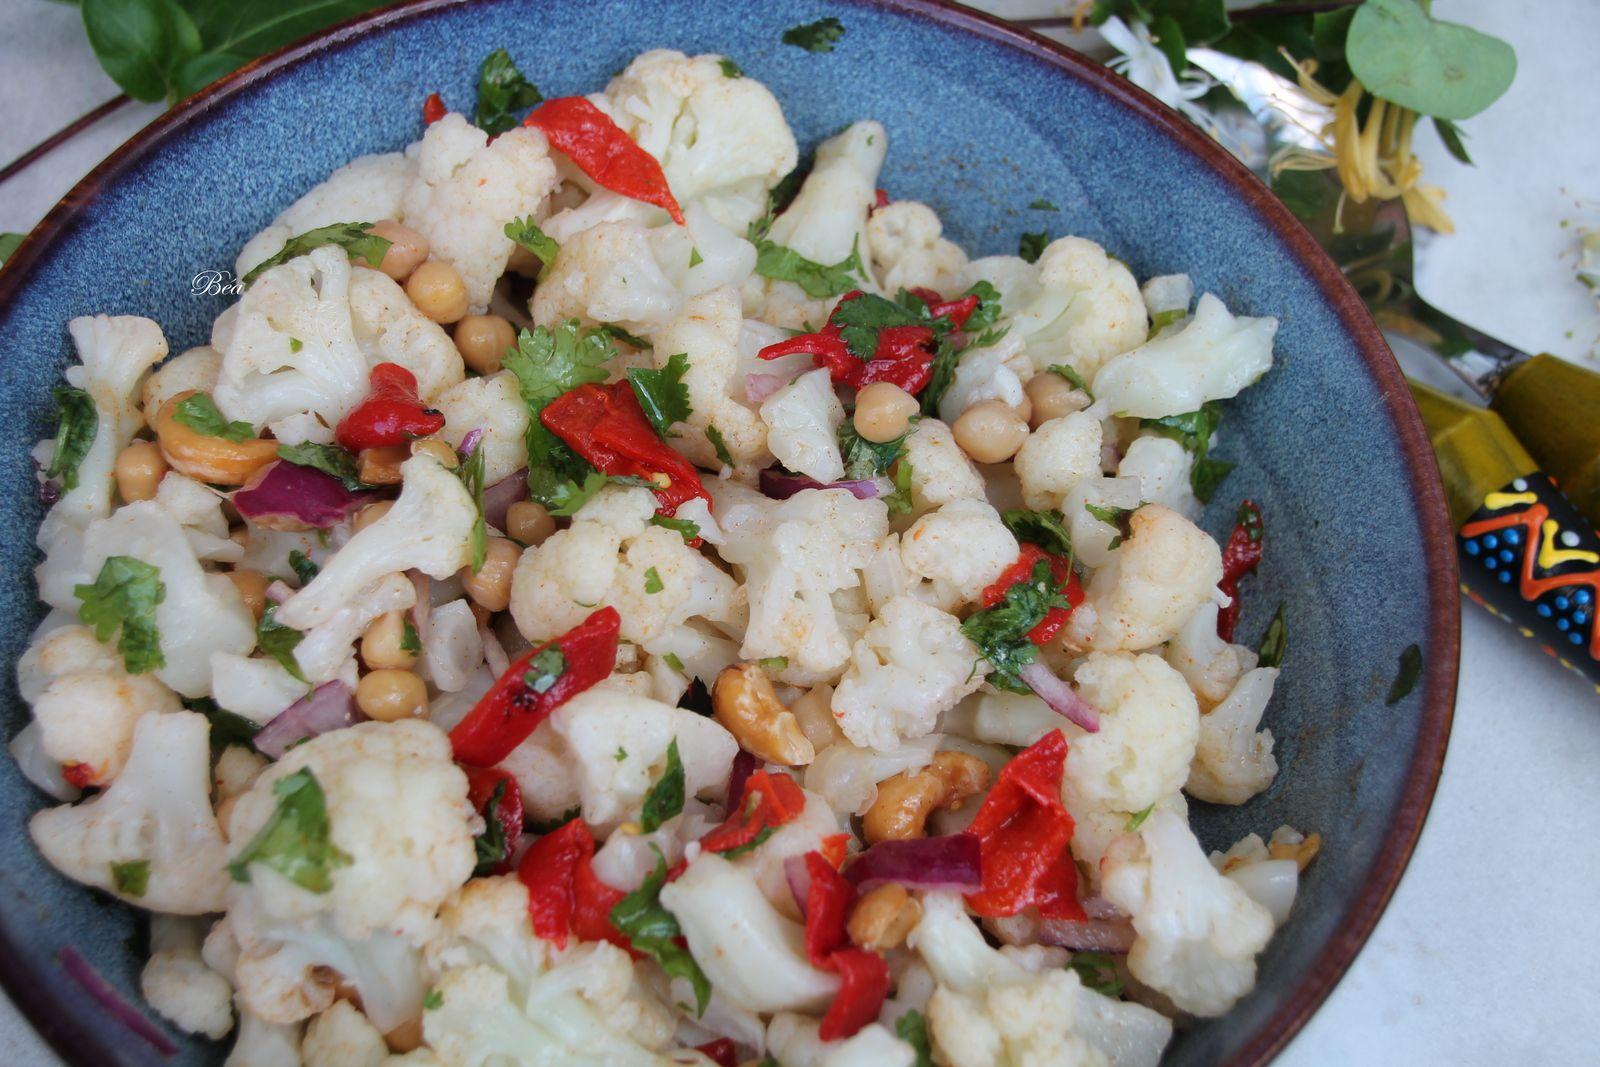 Salade de chou fleur et pois chiches